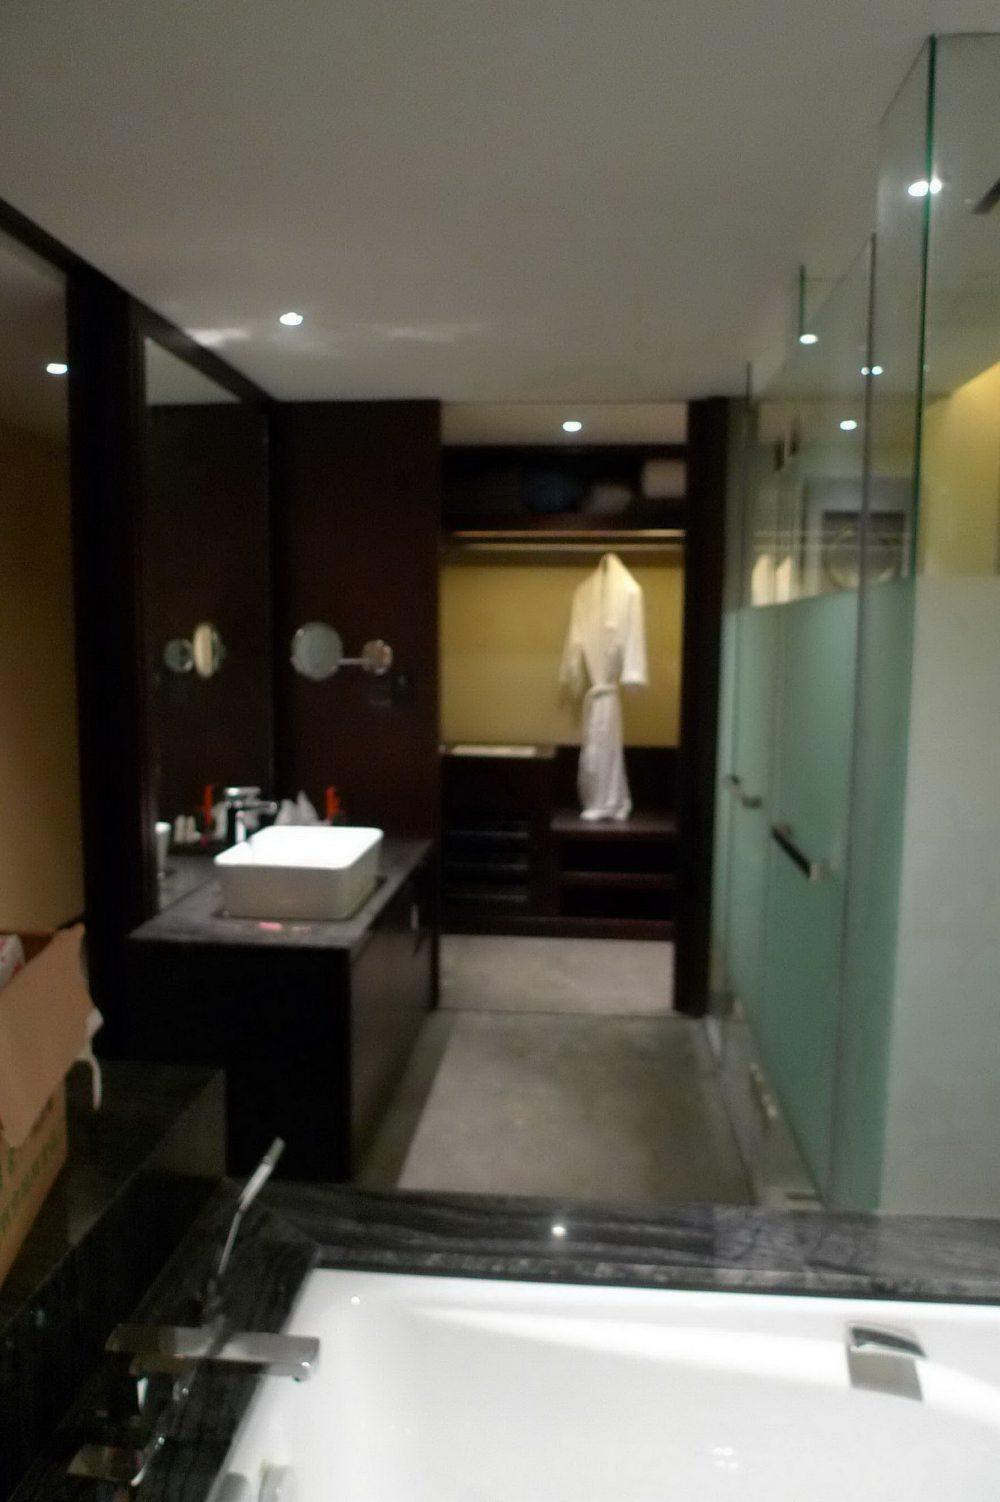 云南丽江铂尔曼渡假酒店(Lijiang Pullman Hotel)(CCD)(第8页更新)_P1010684.jpg